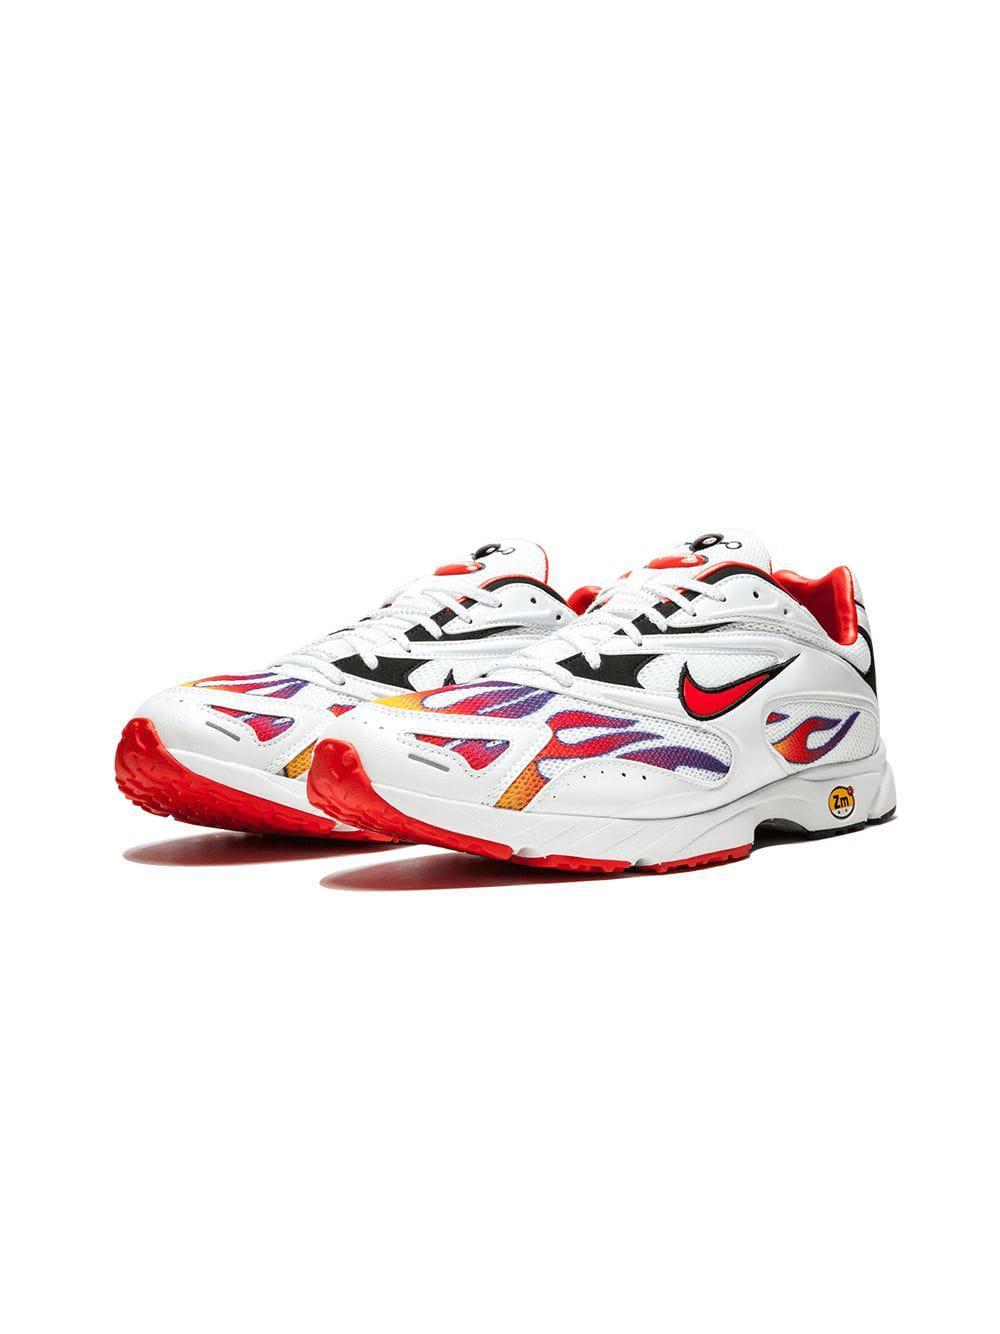 190d82d8fb31 Lyst - Supreme Nike X Zm Strk Spectrum Pls Sneakers in White for Men